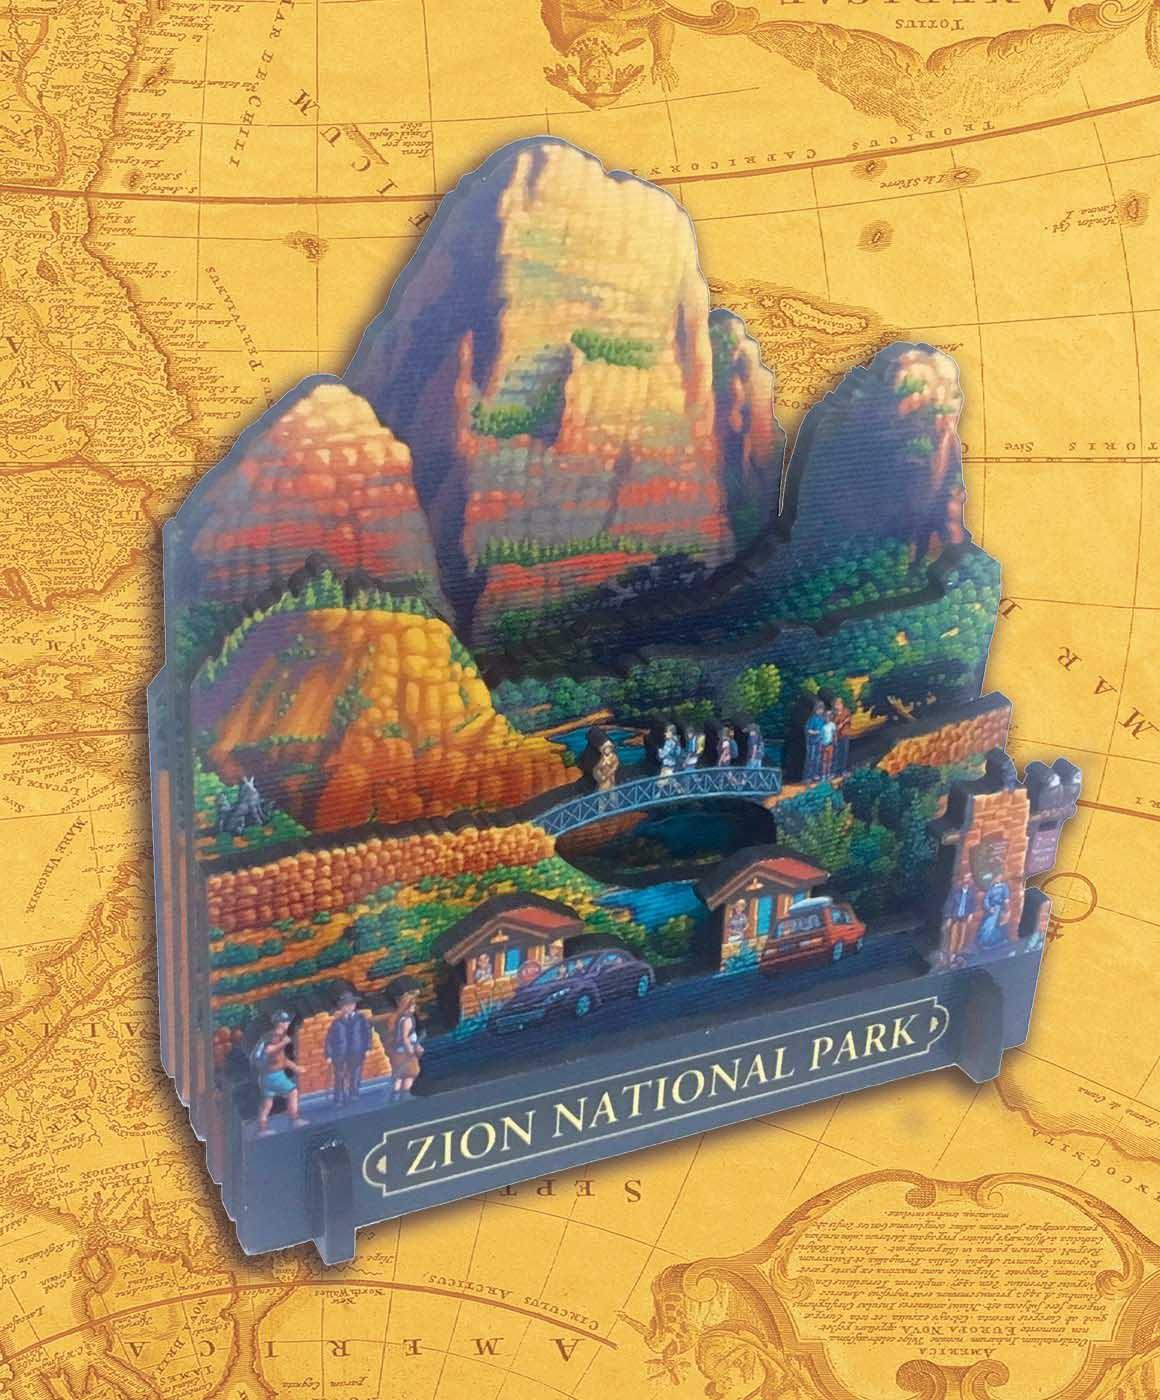 Zion National Park National Parks 3D Puzzle